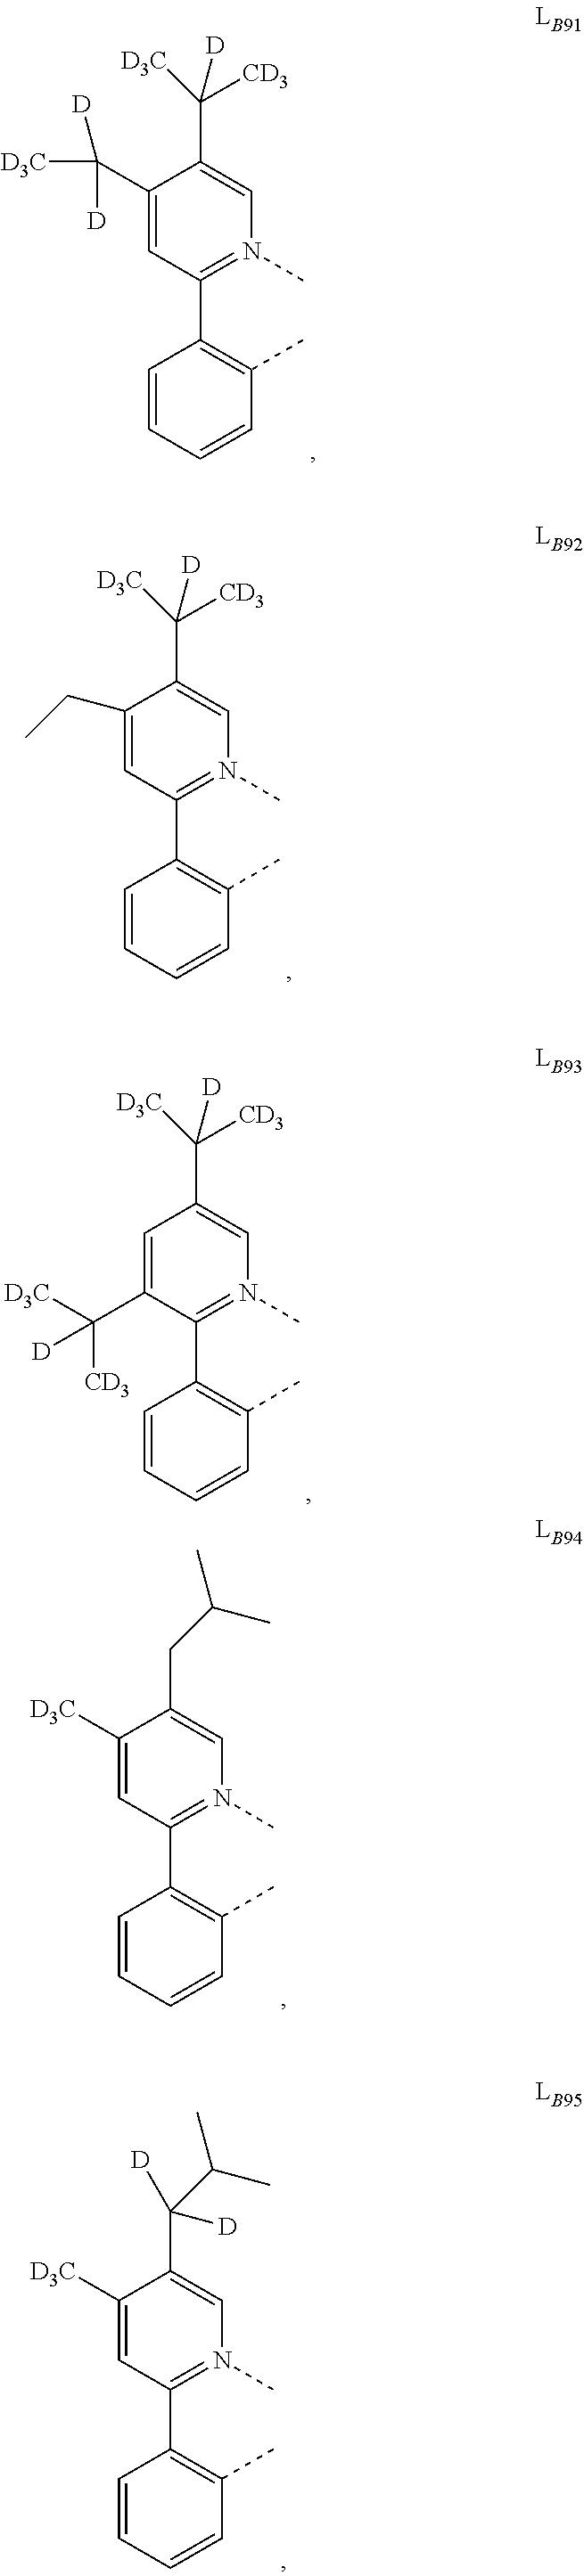 Figure US20160049599A1-20160218-C00515